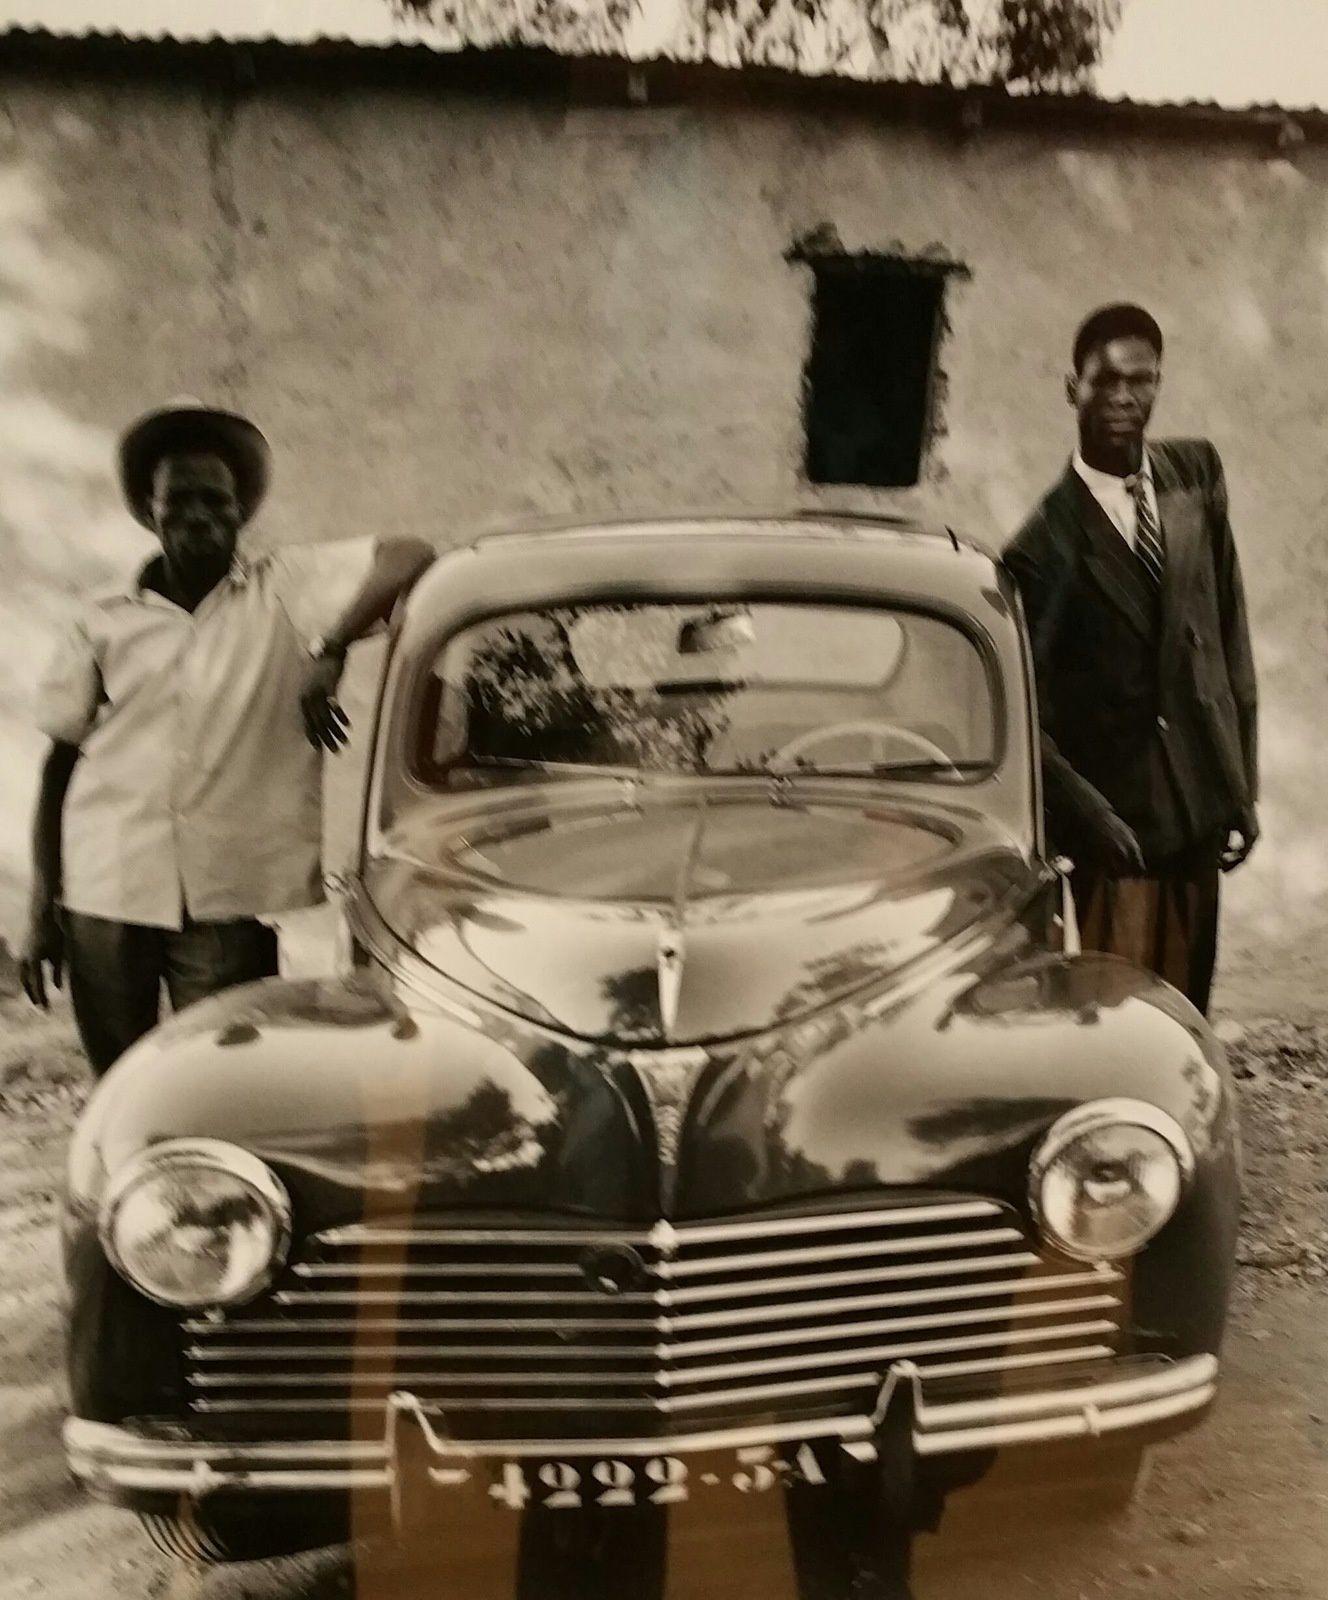 «Paris, capitale culturelle de l'Afrique : Seydou KEITA, photographe malien au Grand Palais», par M. Amadou Bal BA, http://baamadou.over-blog.fr/